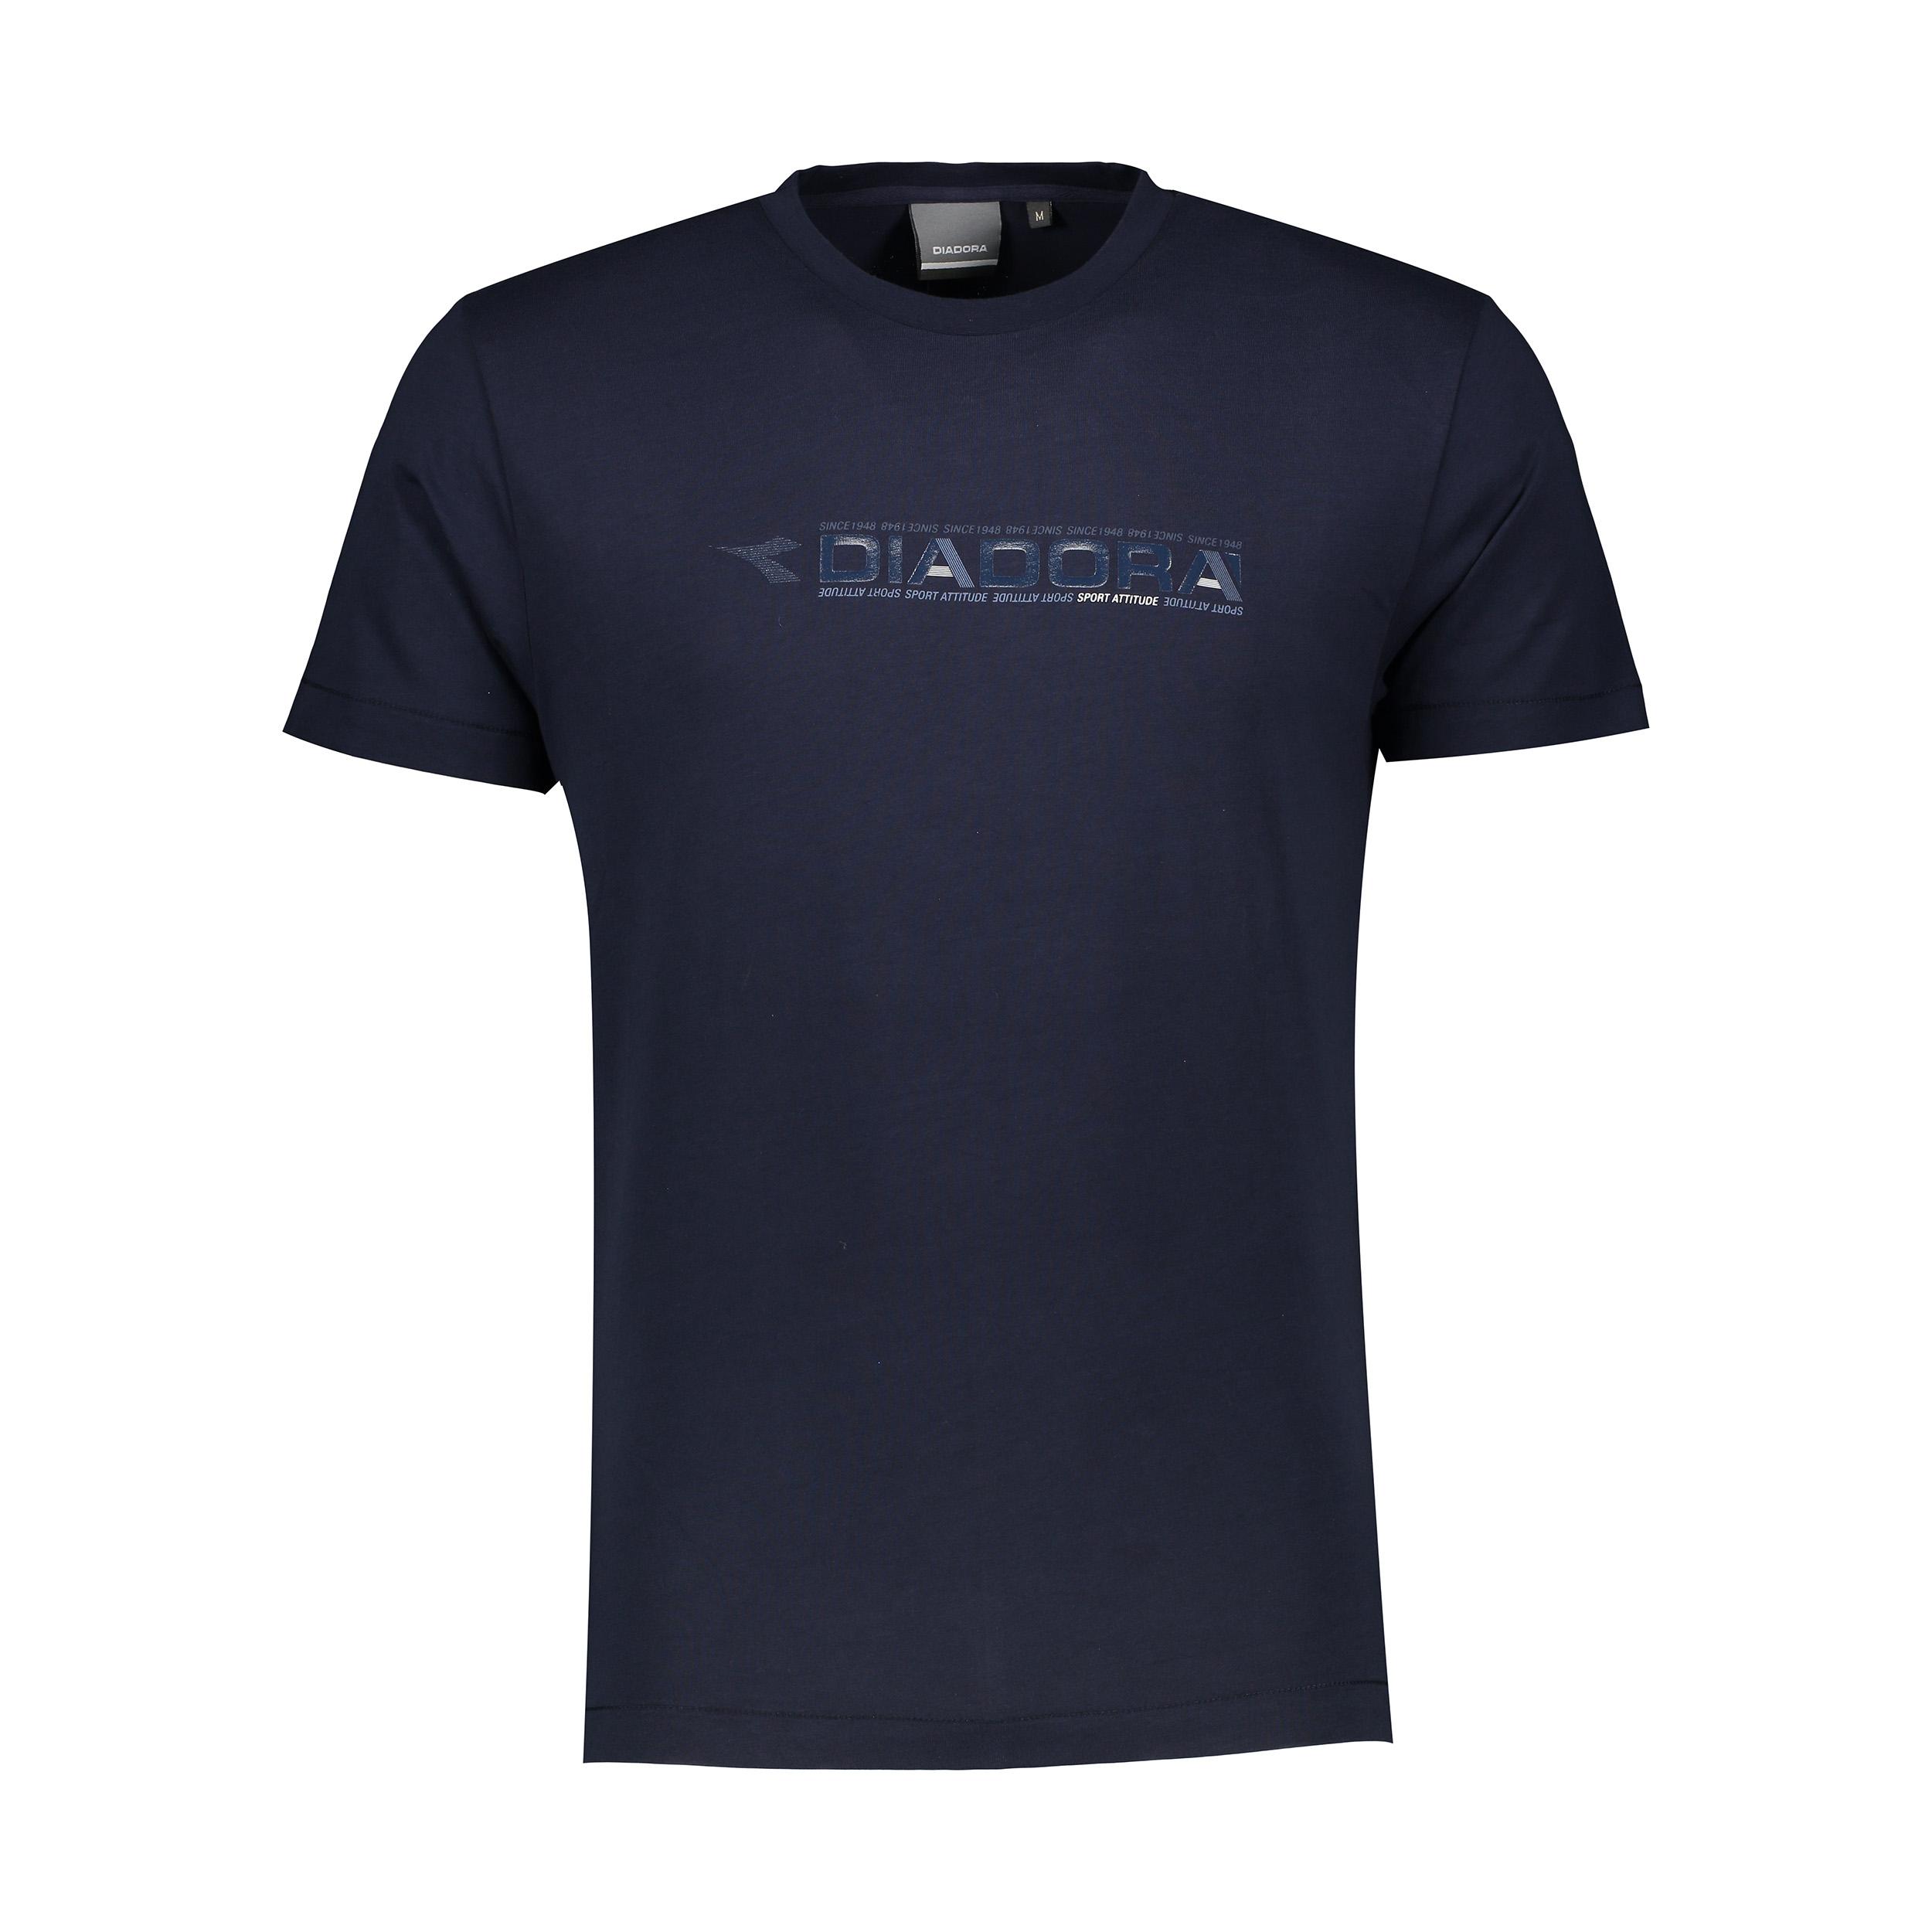 تی شرت ورزشی مردانه دیادورا کد 155347